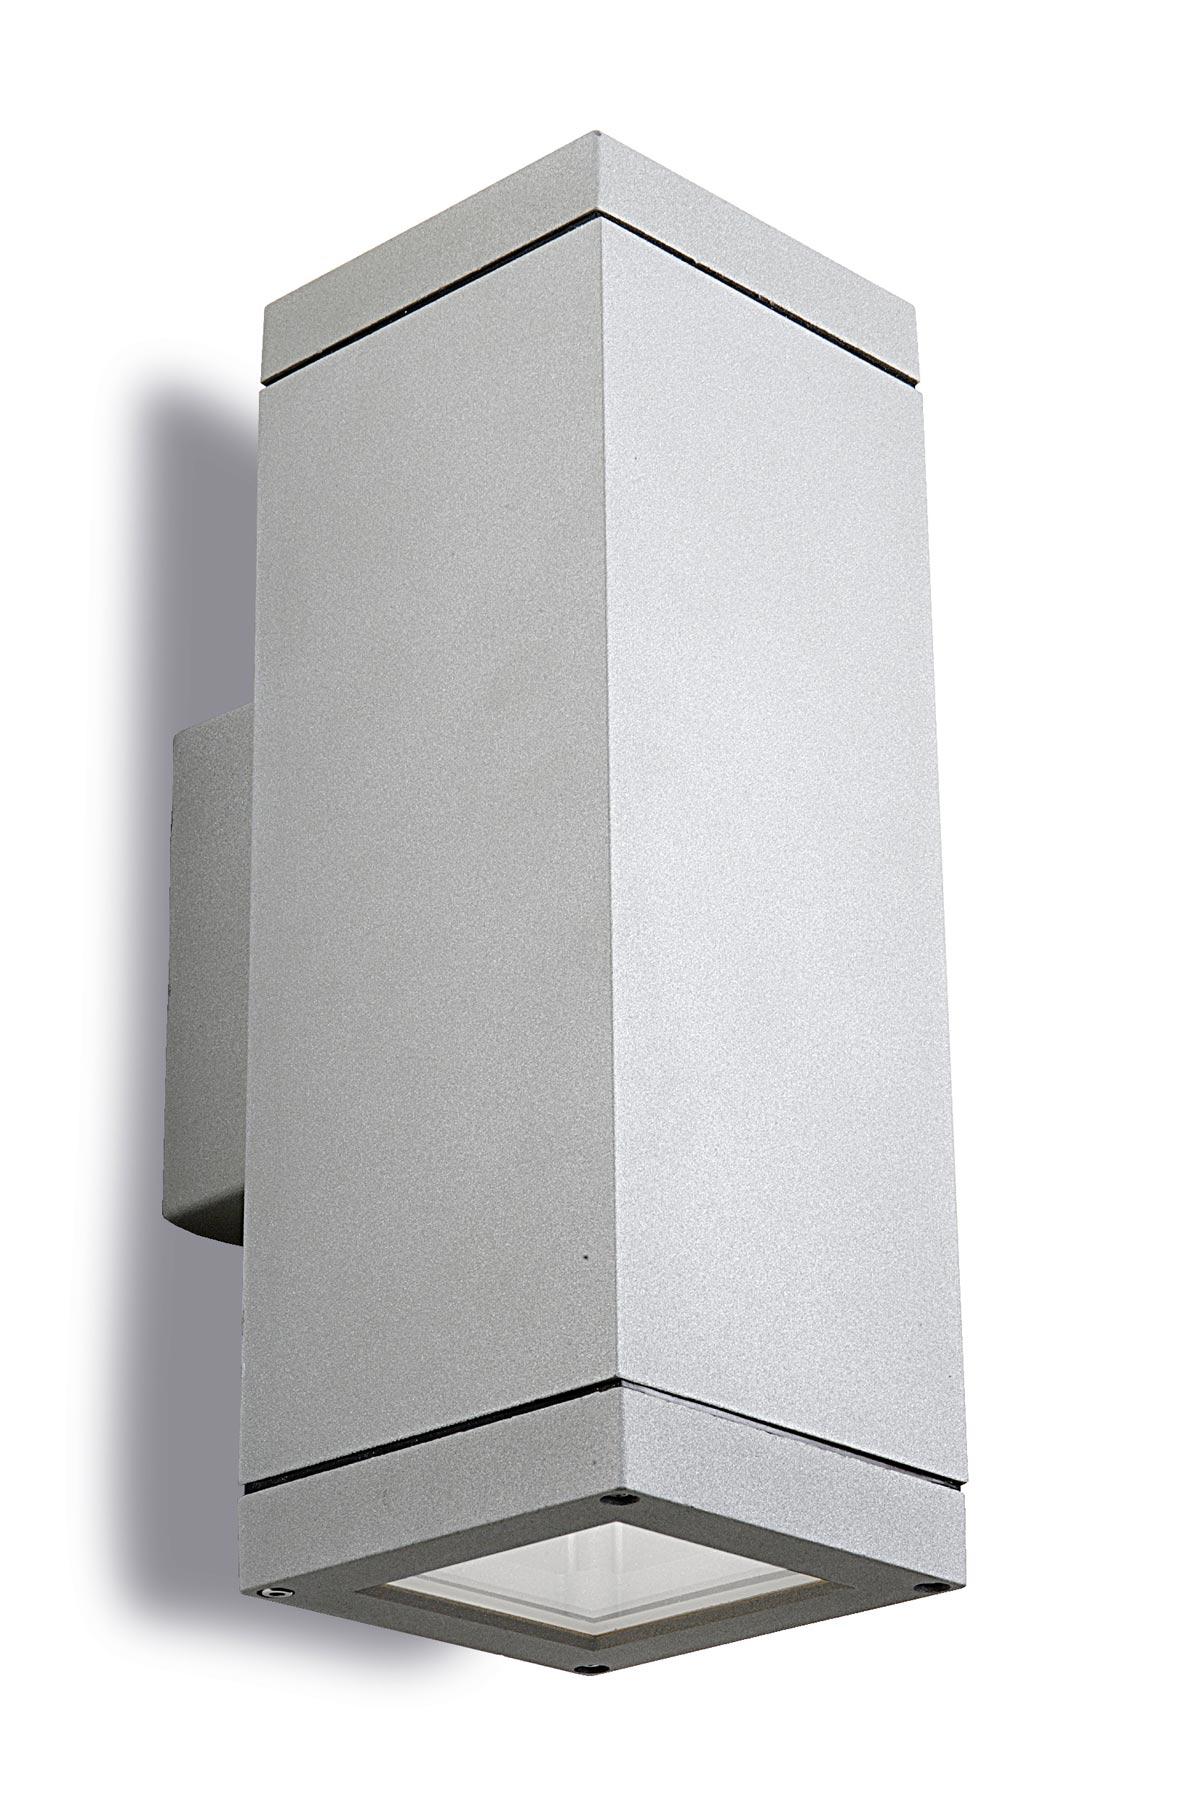 Applique Extérieure Eclairage Haut Et Bas petite applique design en aluminium gris spot section carrée, avec double  éclairage haut et bas